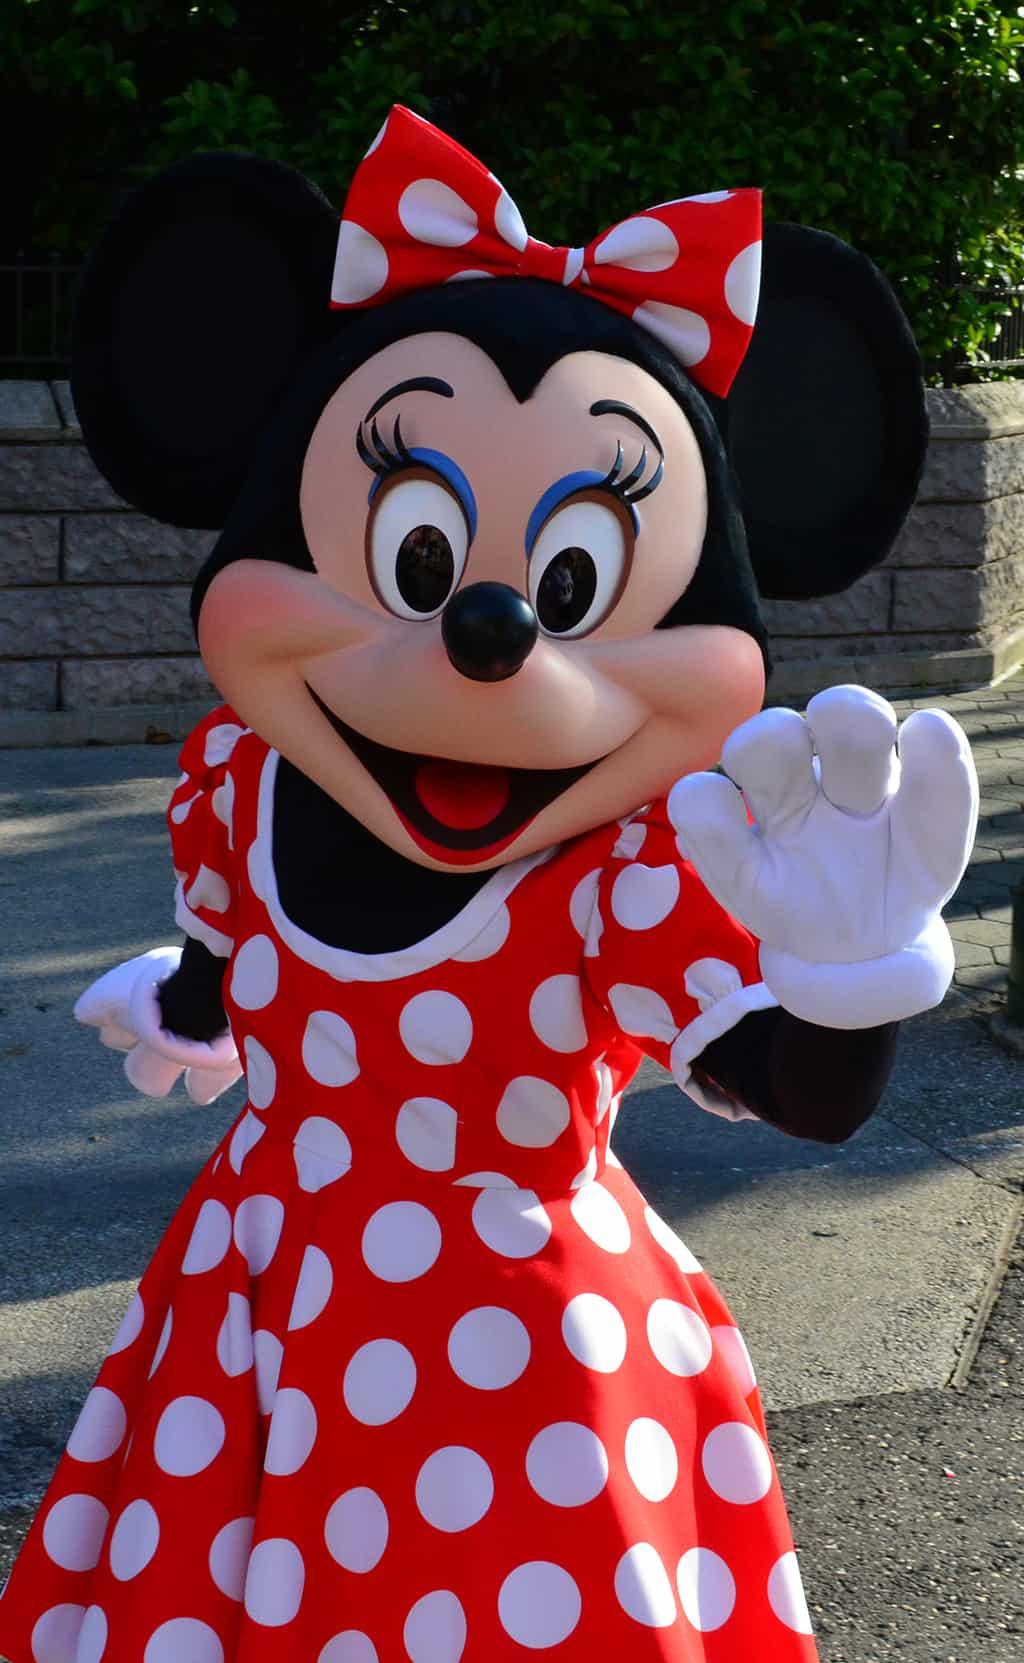 Character Palooza Schedule, Character Palooza at Hollywood Studios, Character Palooza at Disney World, minnie